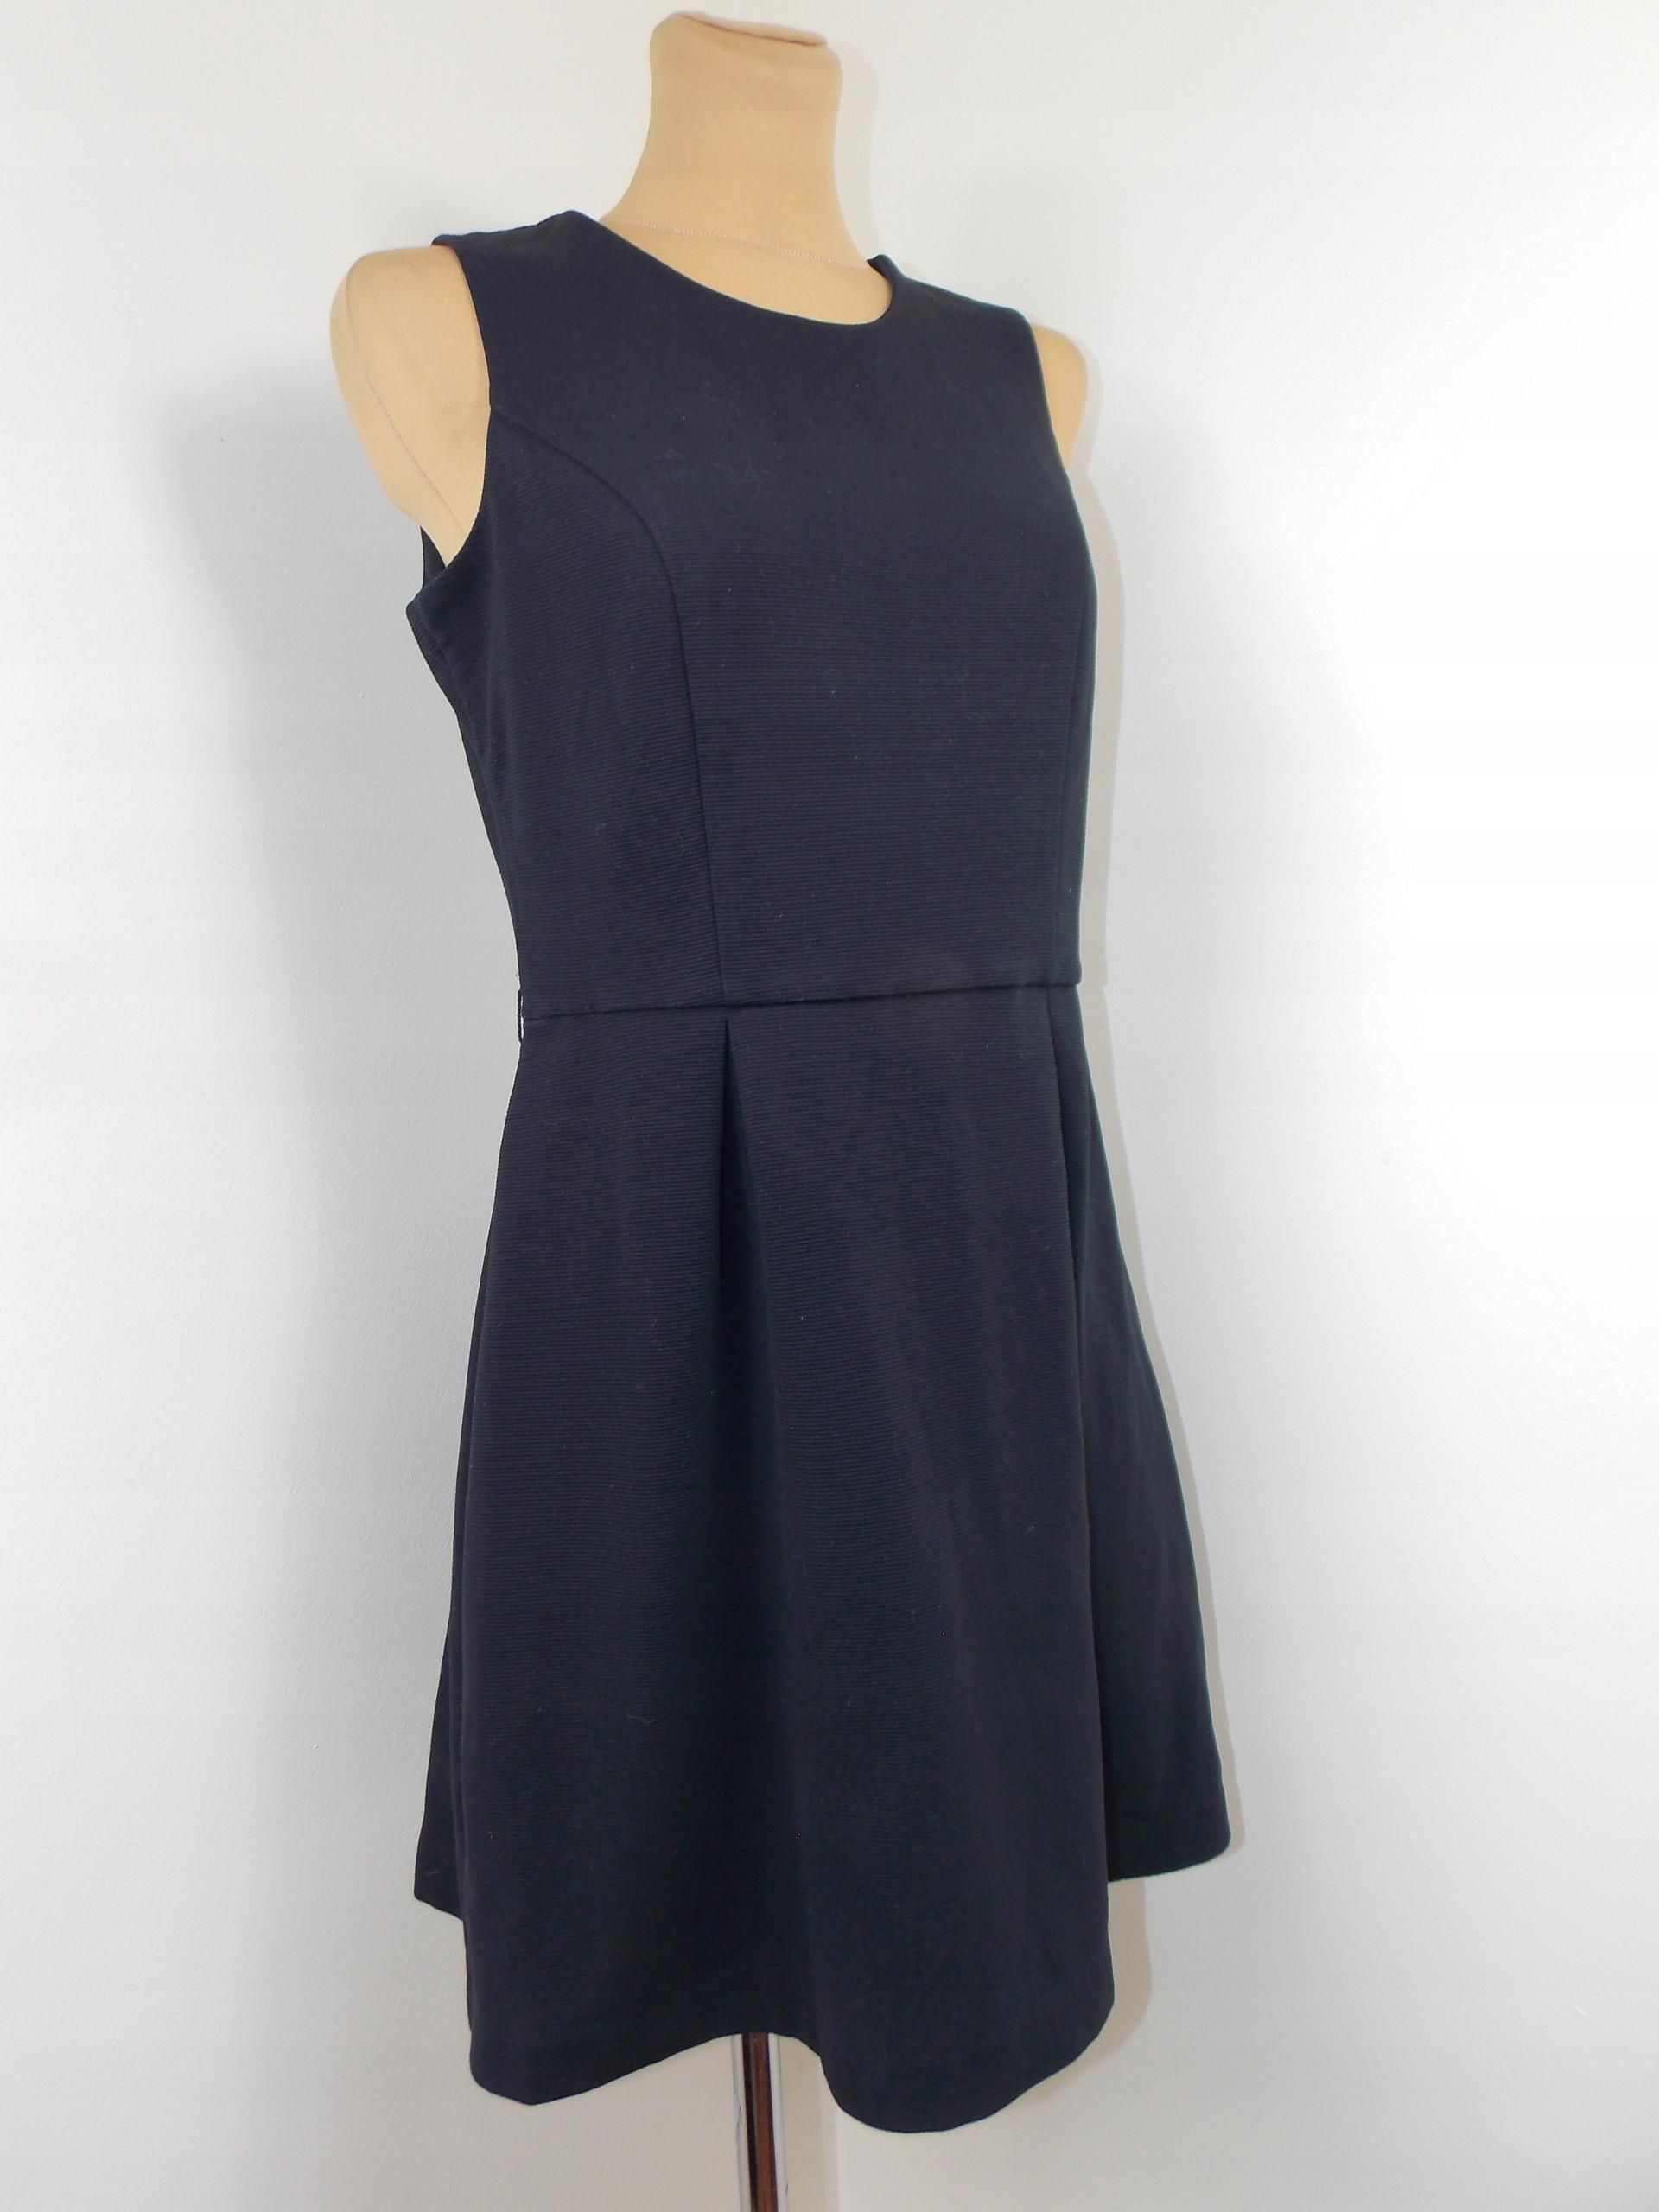 sukienka NEXT czarna klasyczna biuro 40 od 1 zł